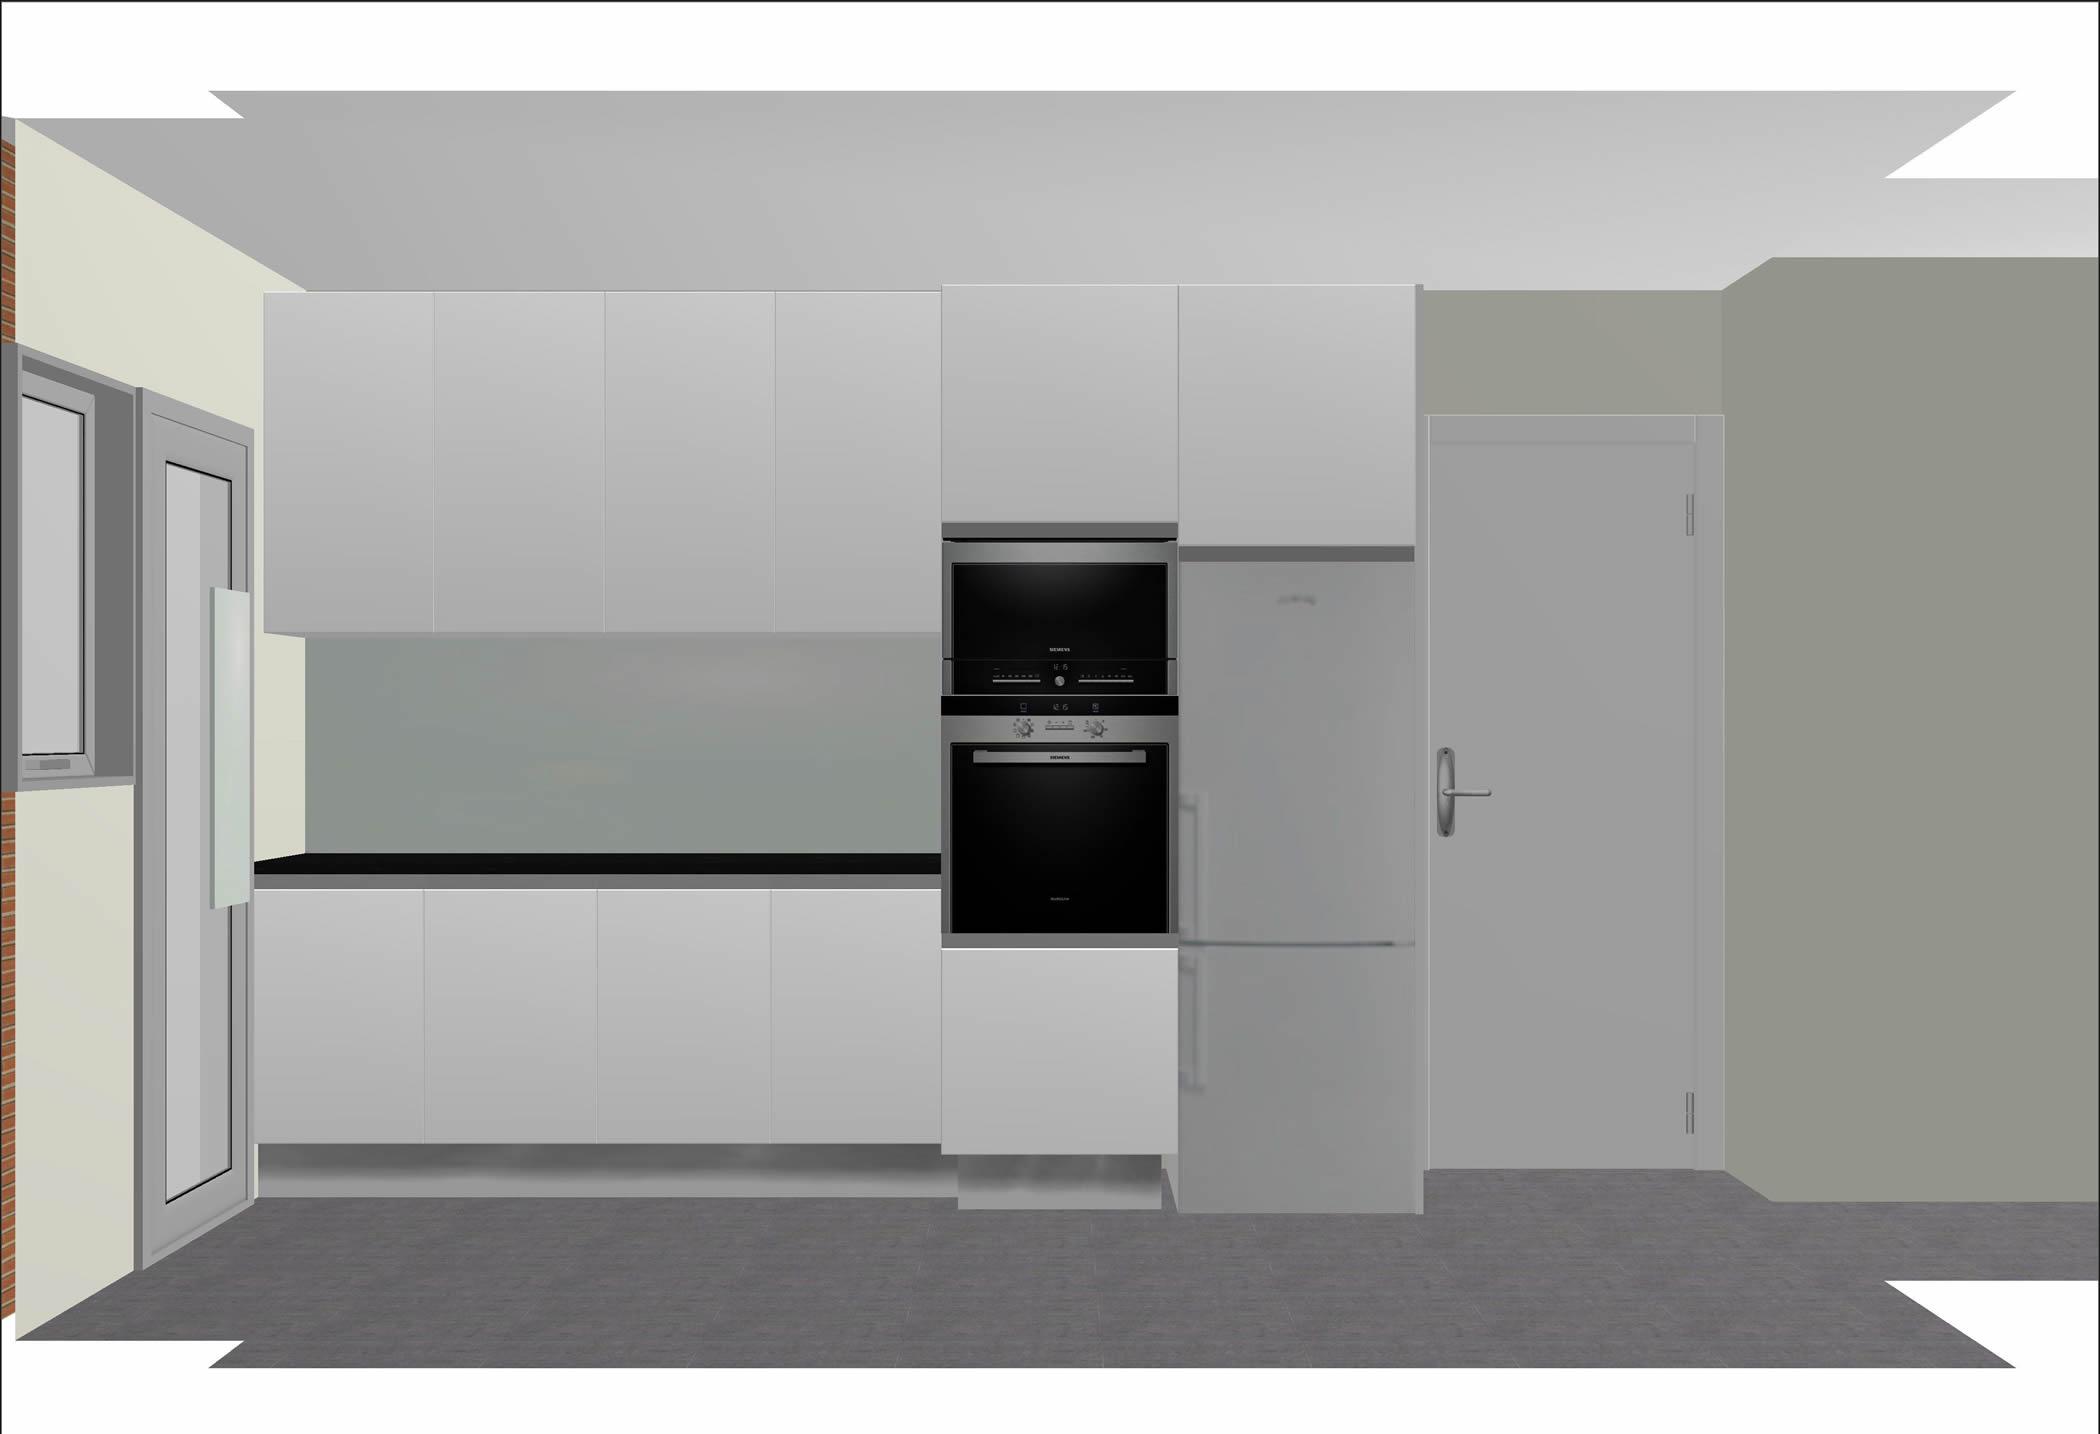 3d Na Cozinha Cozinha D Na Cozinha O Ideal Sempre Ter Uma Janela